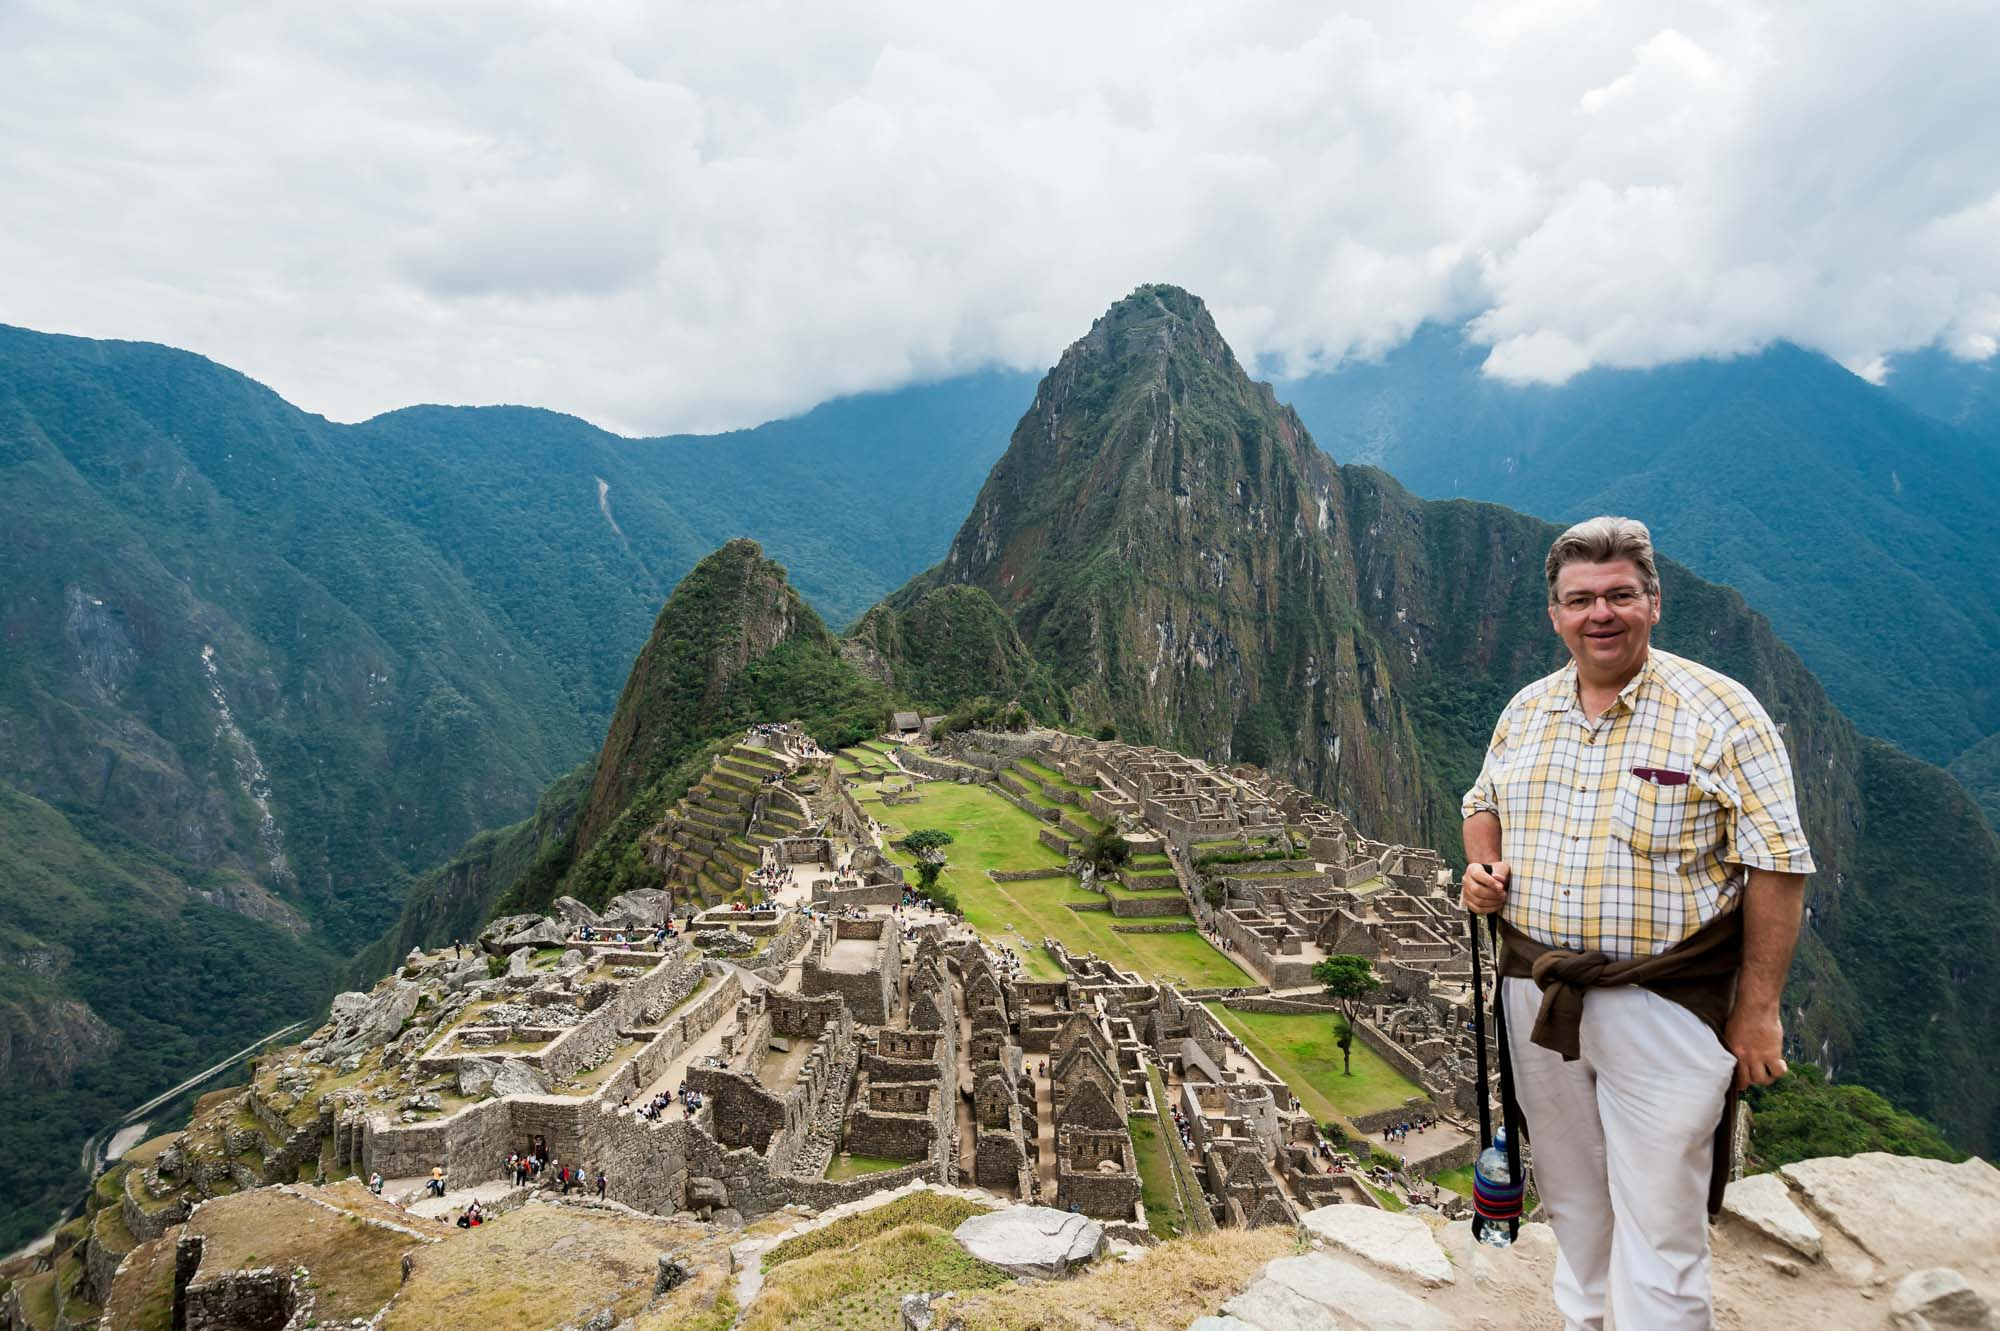 Peter Jurgilewitsch in Macchu Picchu/Peru